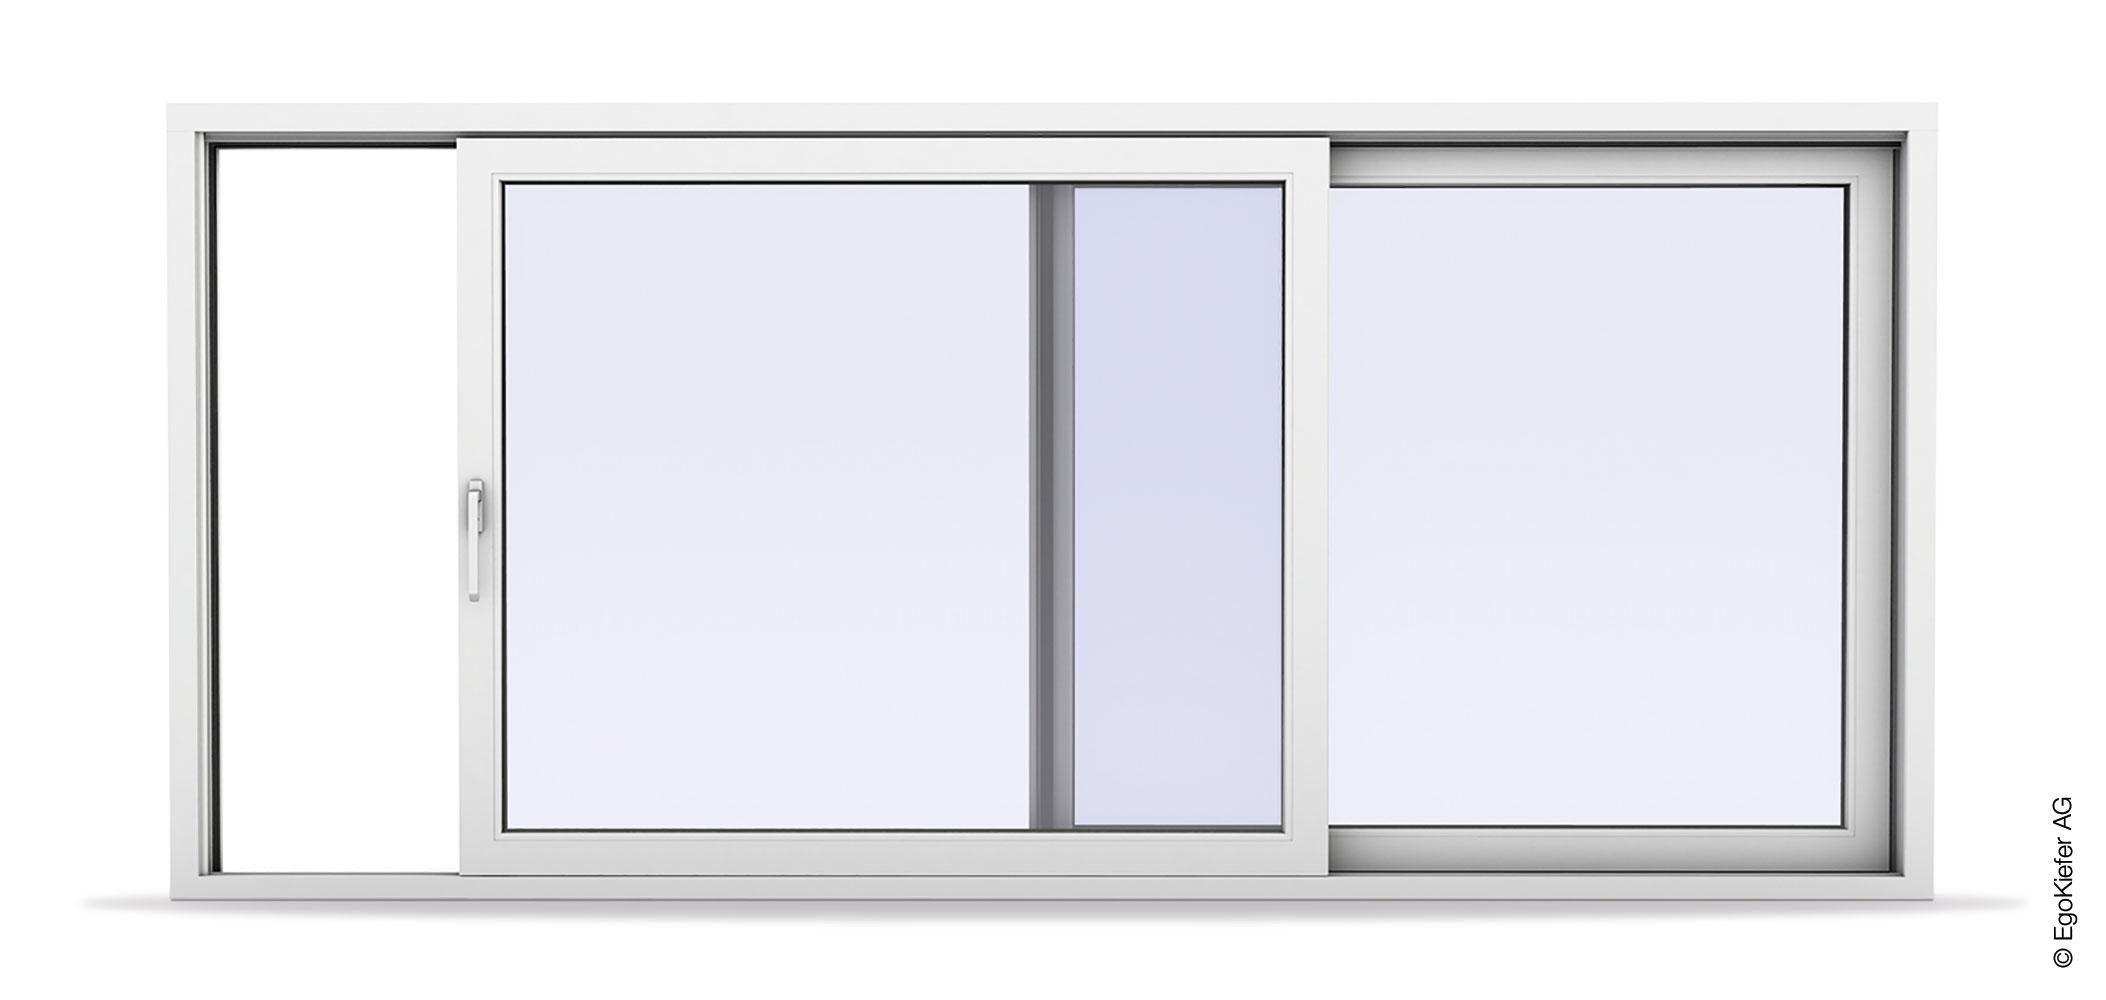 Fenstertüren Balkontür Schiebetür - Standard